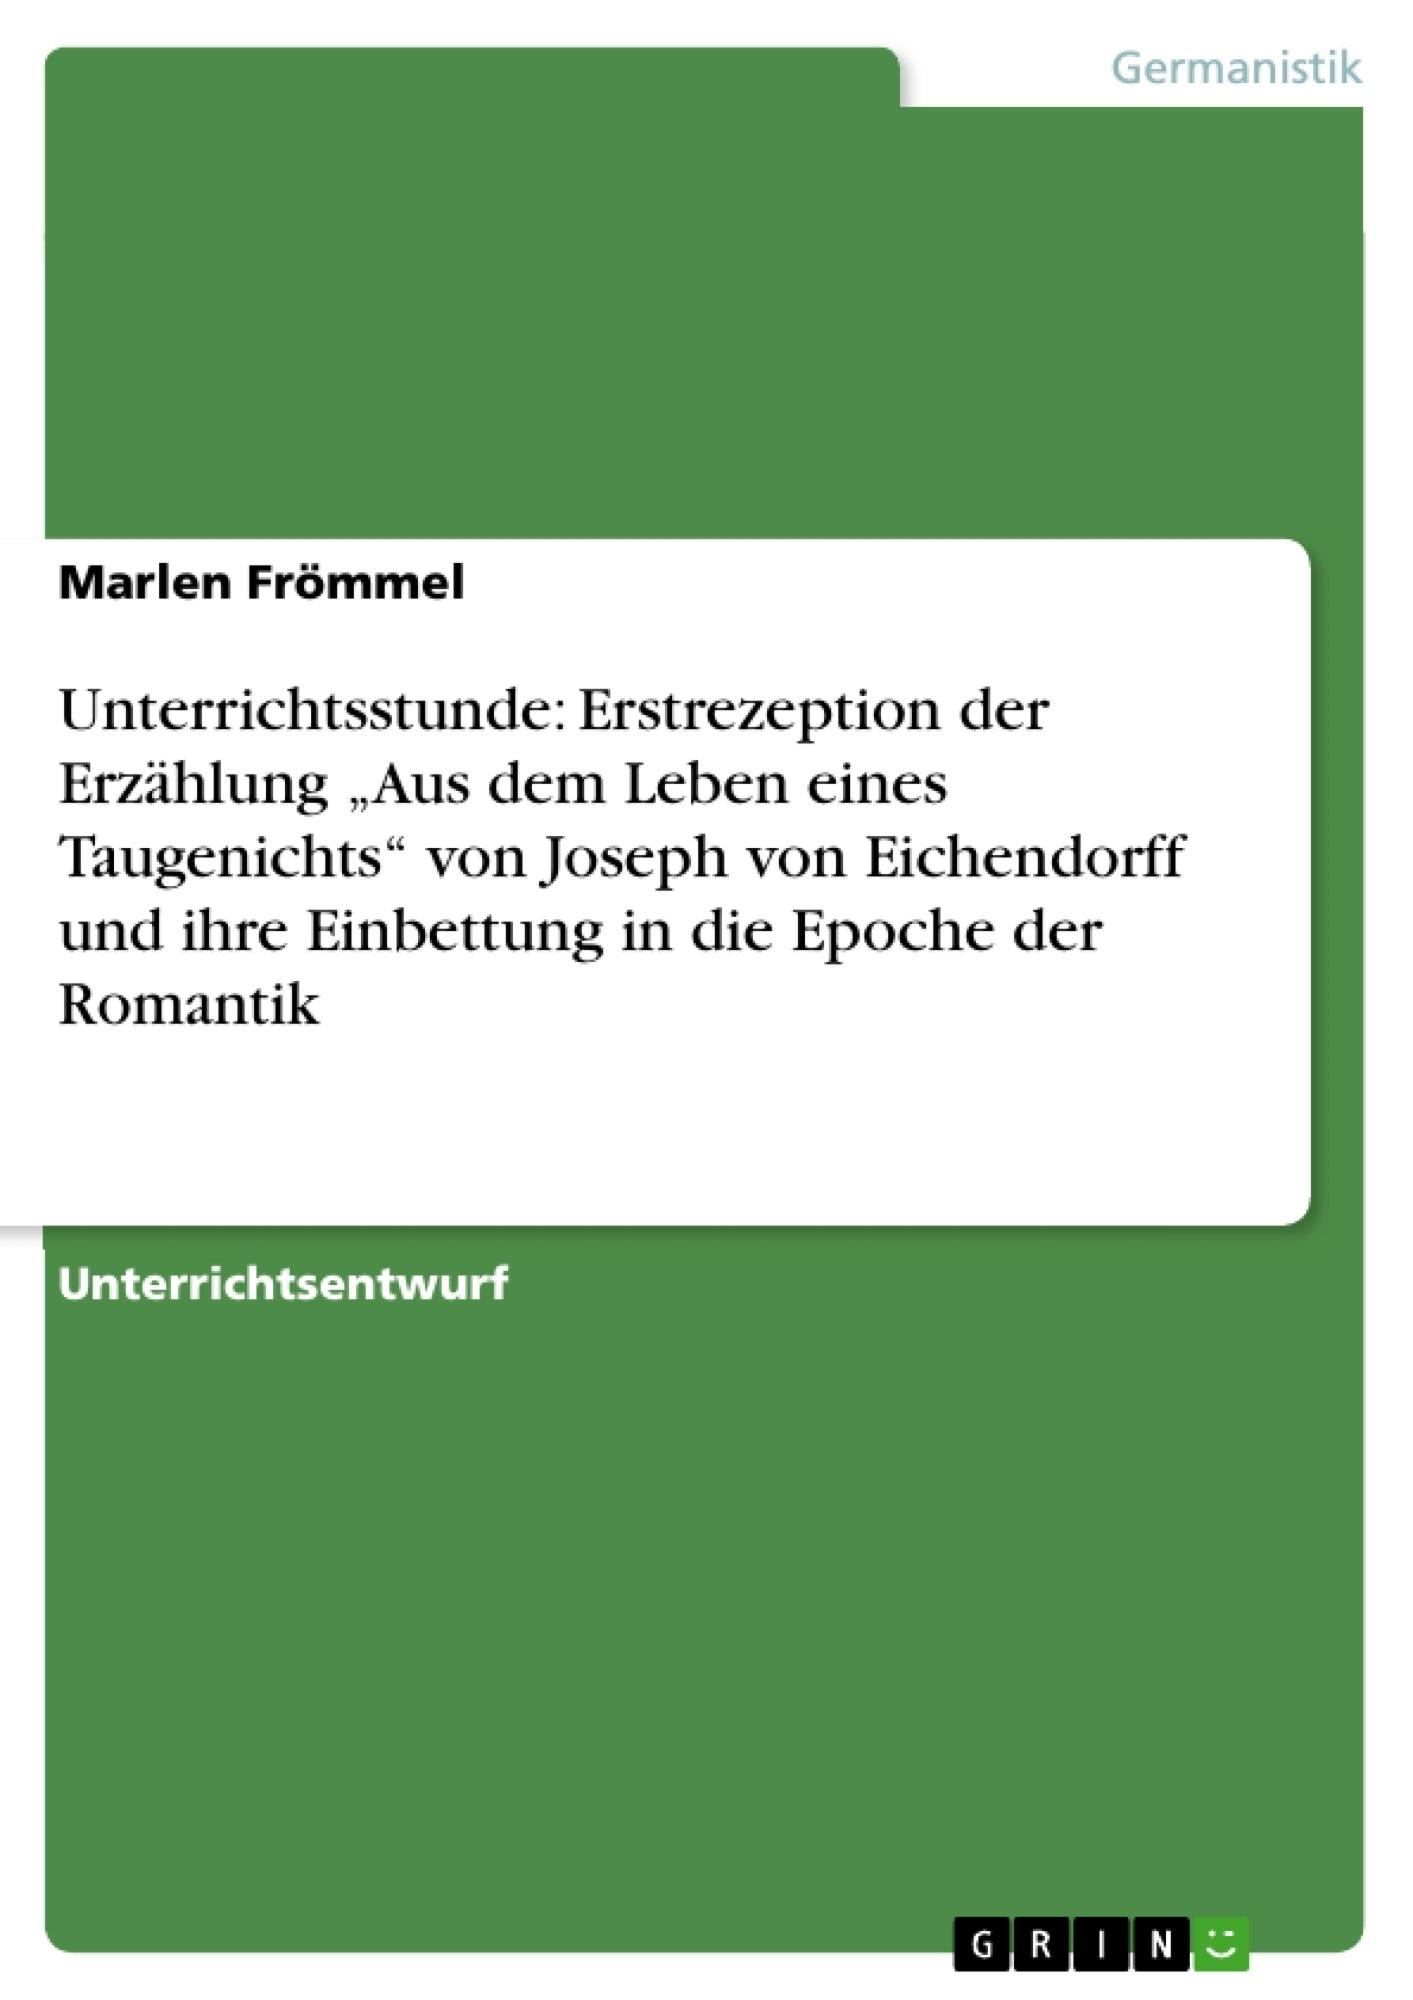 """Titel: Unterrichtsstunde: Erstrezeption der Erzählung """"Aus dem Leben eines Taugenichts"""" von Joseph von Eichendorff und ihre Einbettung in die Epoche der Romantik"""